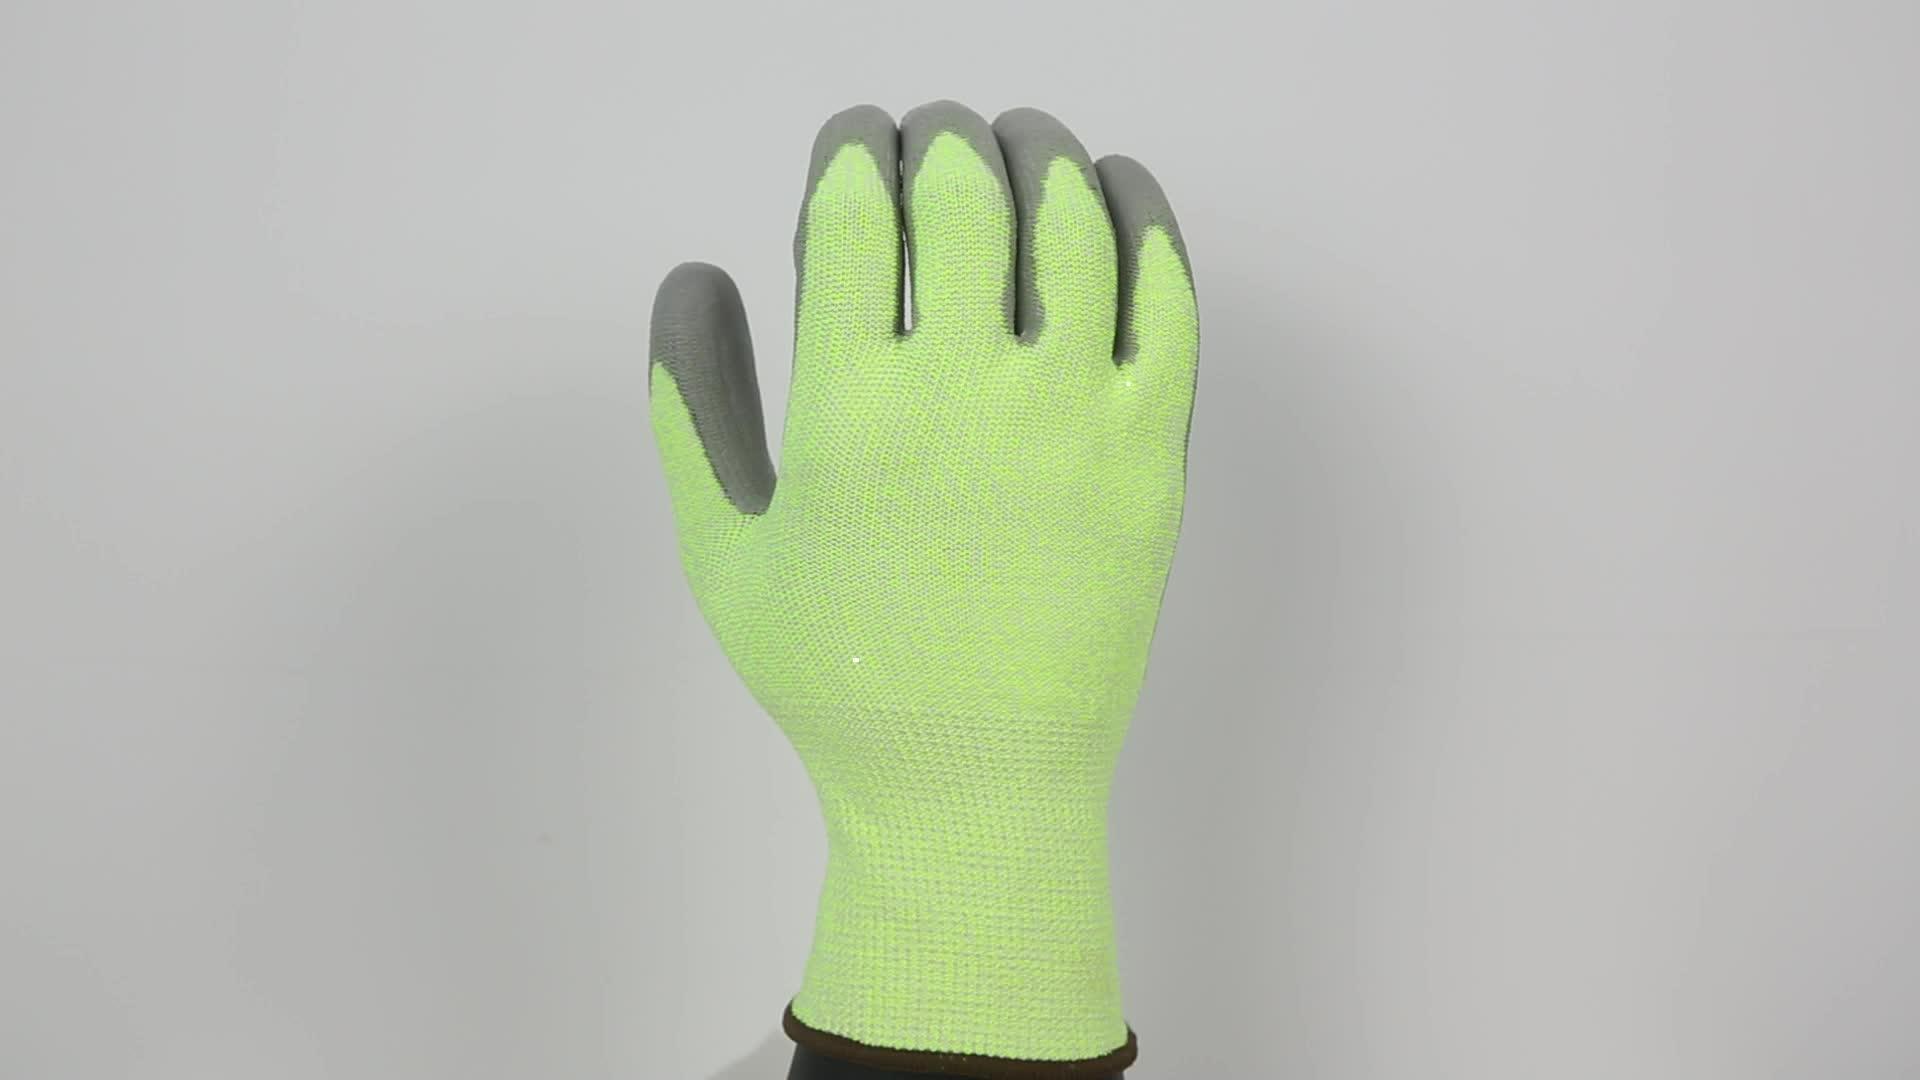 Hallo Vis Grün PU Palmen Beschichtete Zwei Finger Stil Touch Anti Cut Beständig Winter Handschuhe Touch Screen für Großhandel